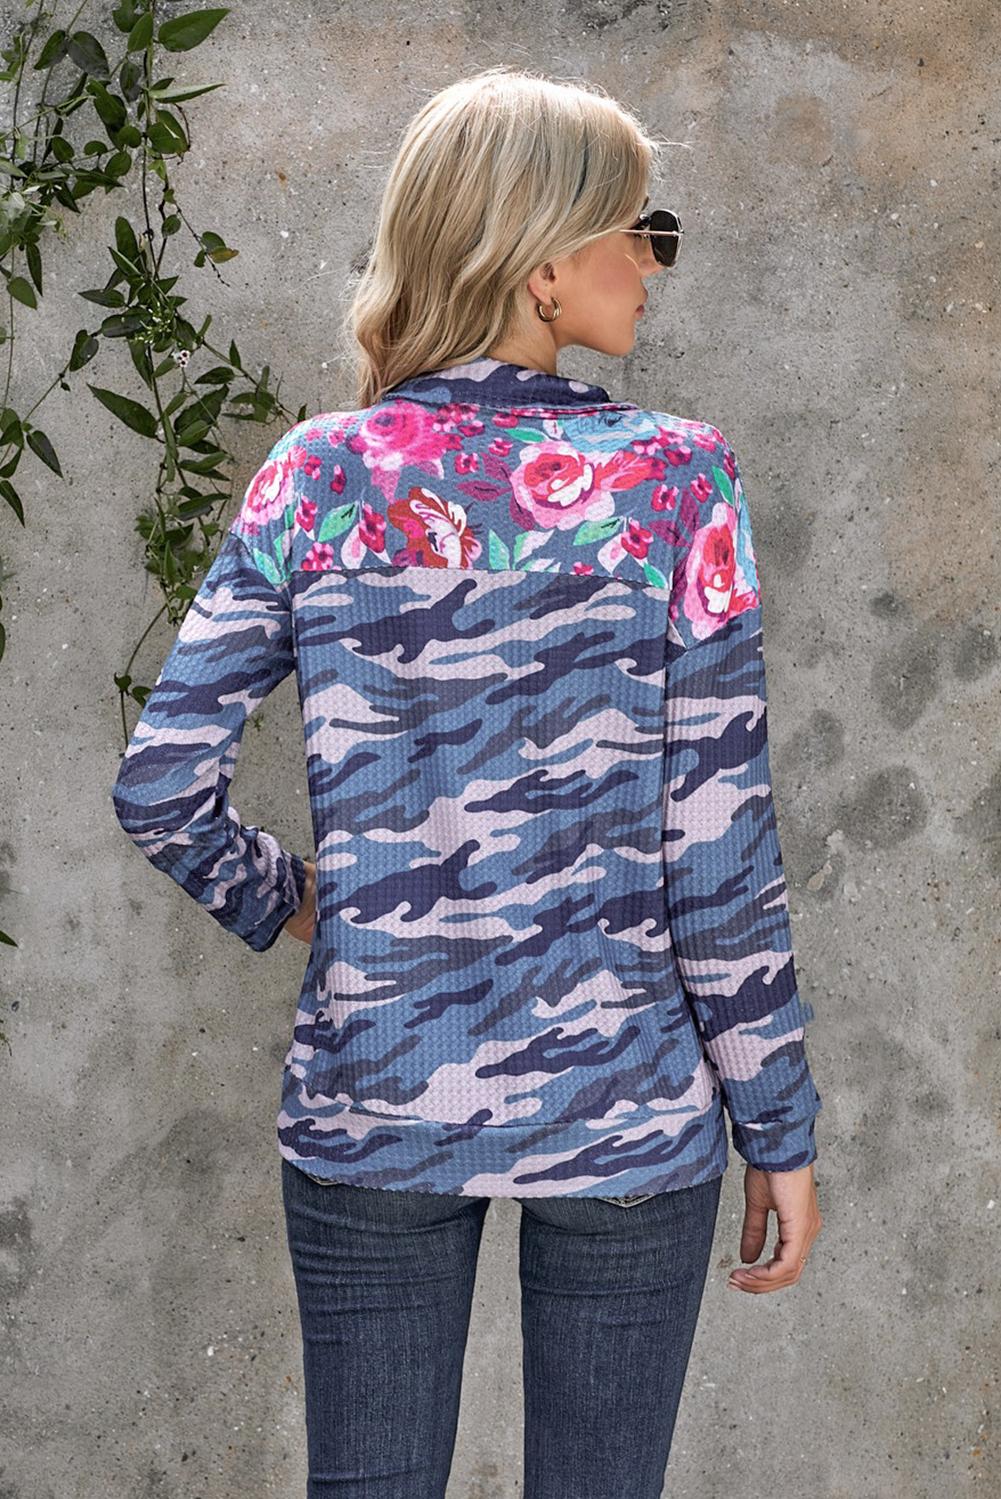 时尚迷彩花卉拉链领长袖套衫卫衣 LC253981